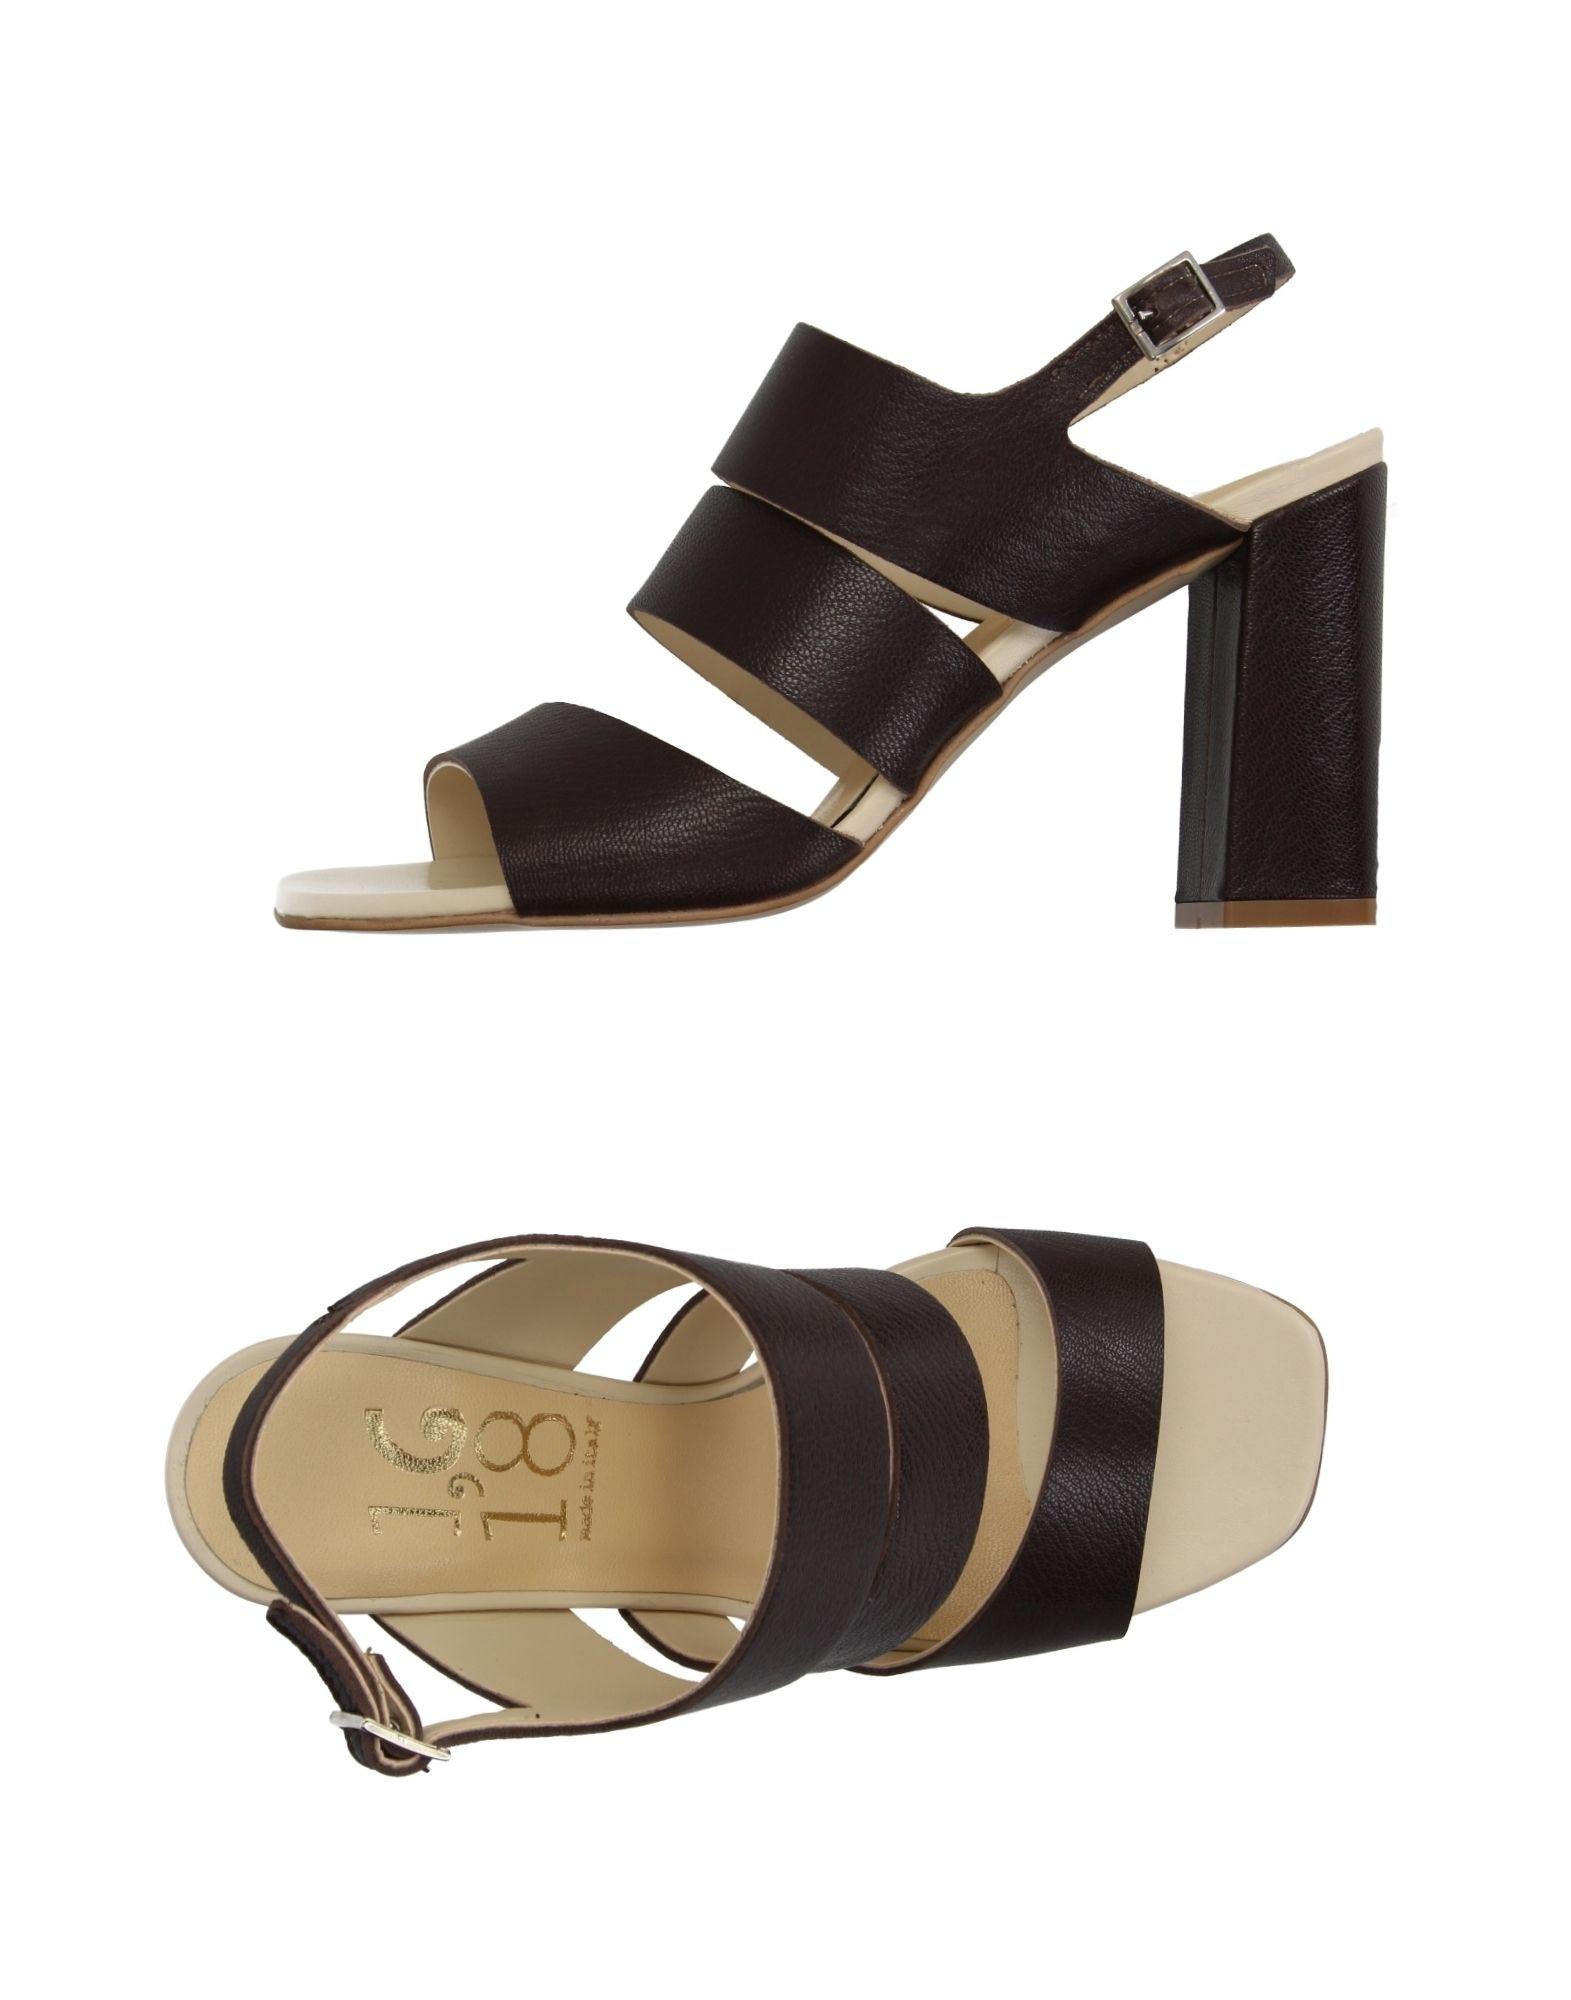 1,618 Sandalen Damen  11150962DW 11150962DW  Gute Qualität beliebte Schuhe a0aa63